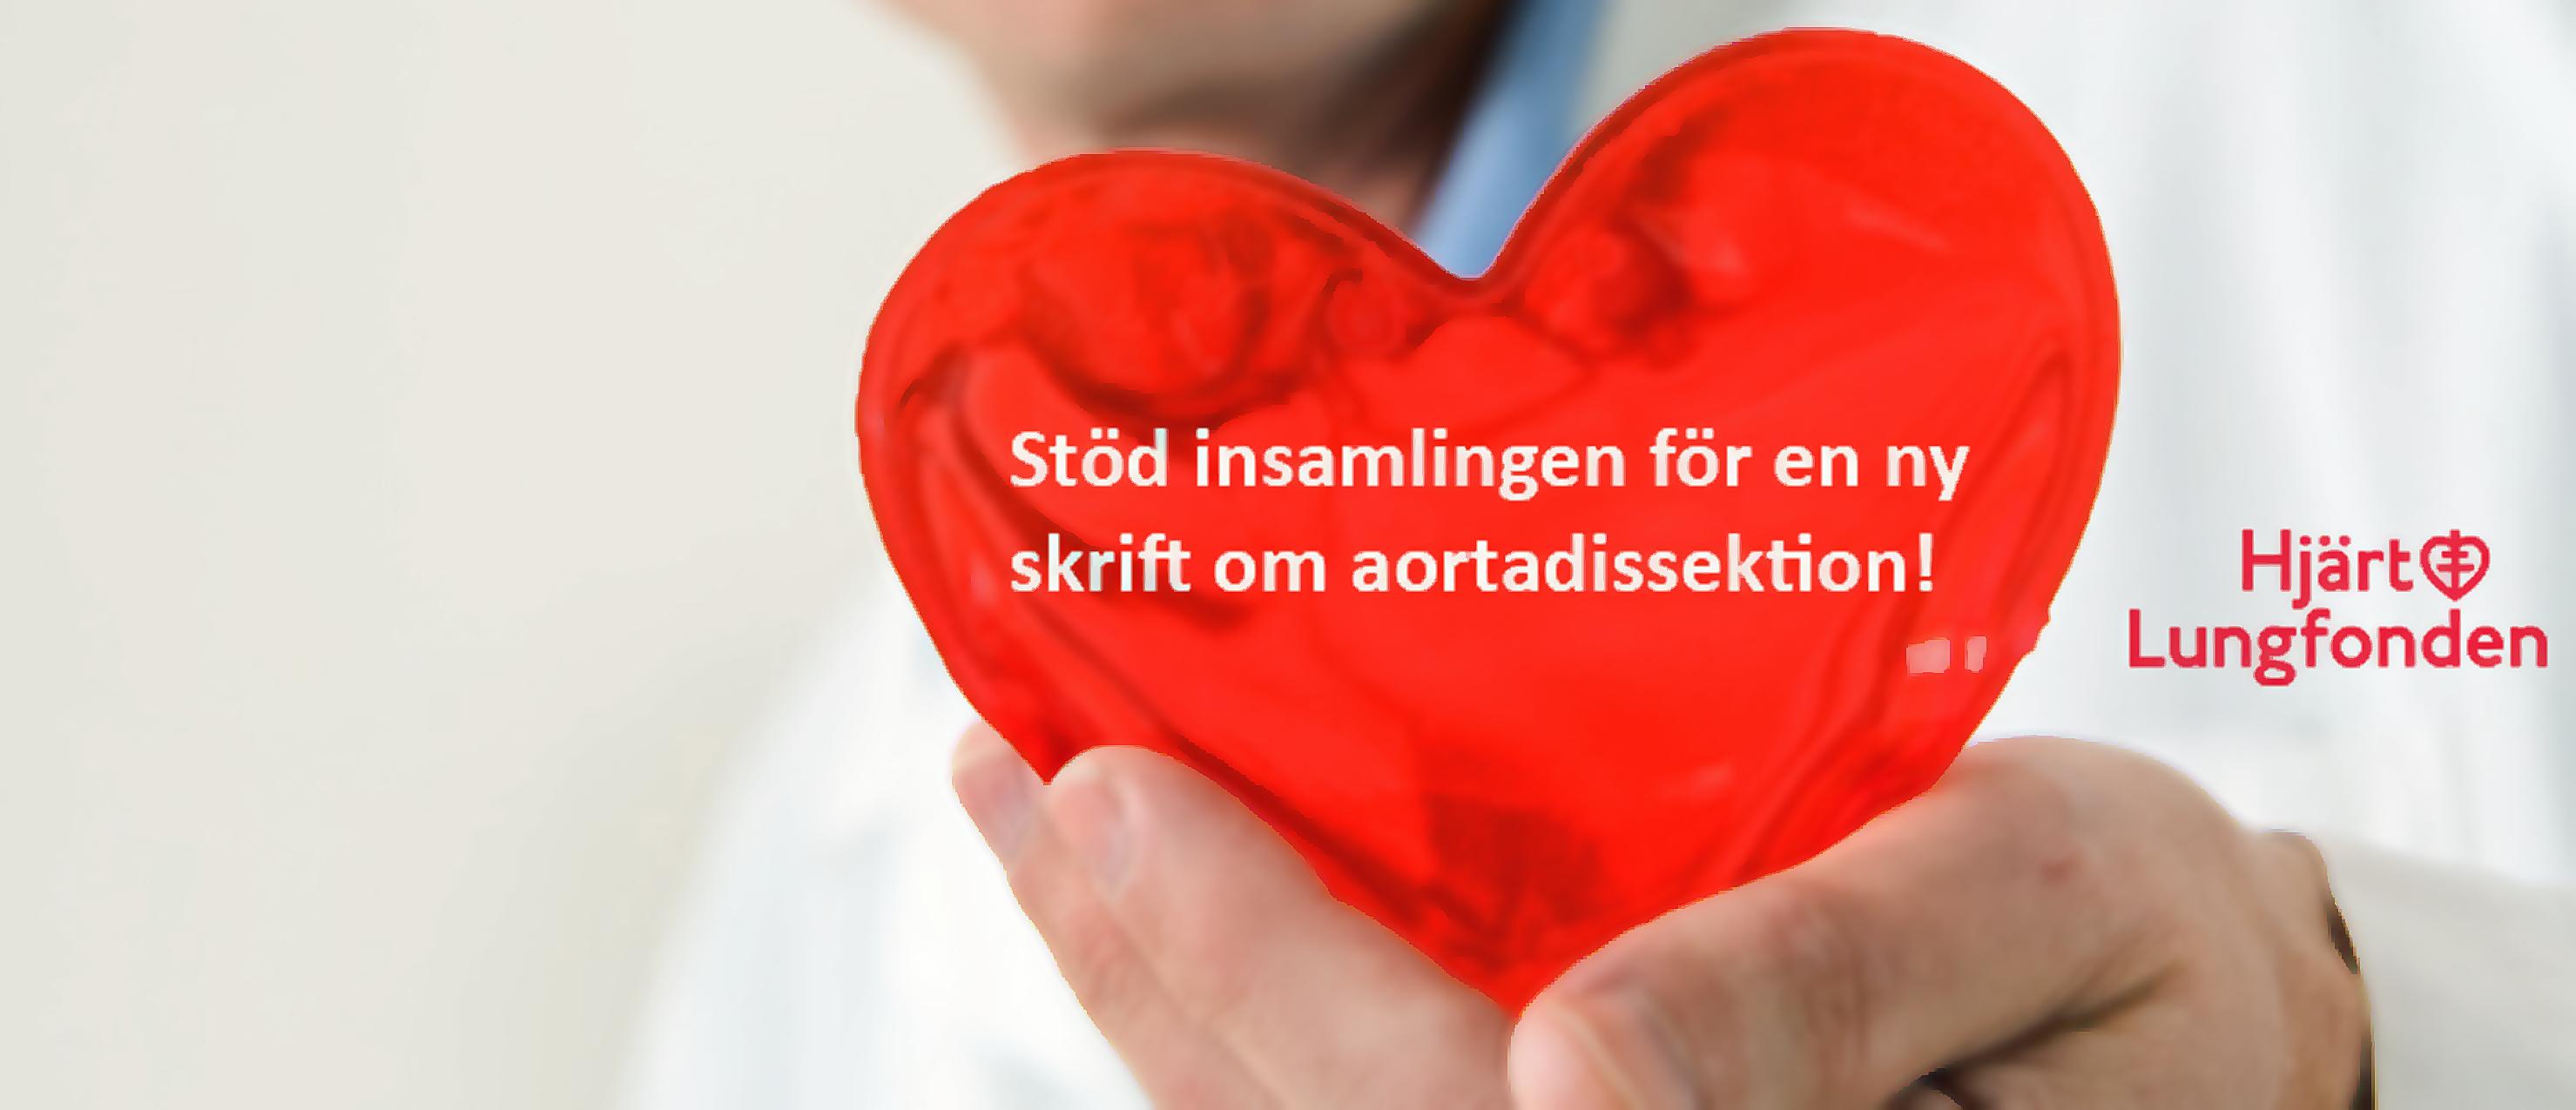 Insamling för fördjupad information om aortadiagnoser